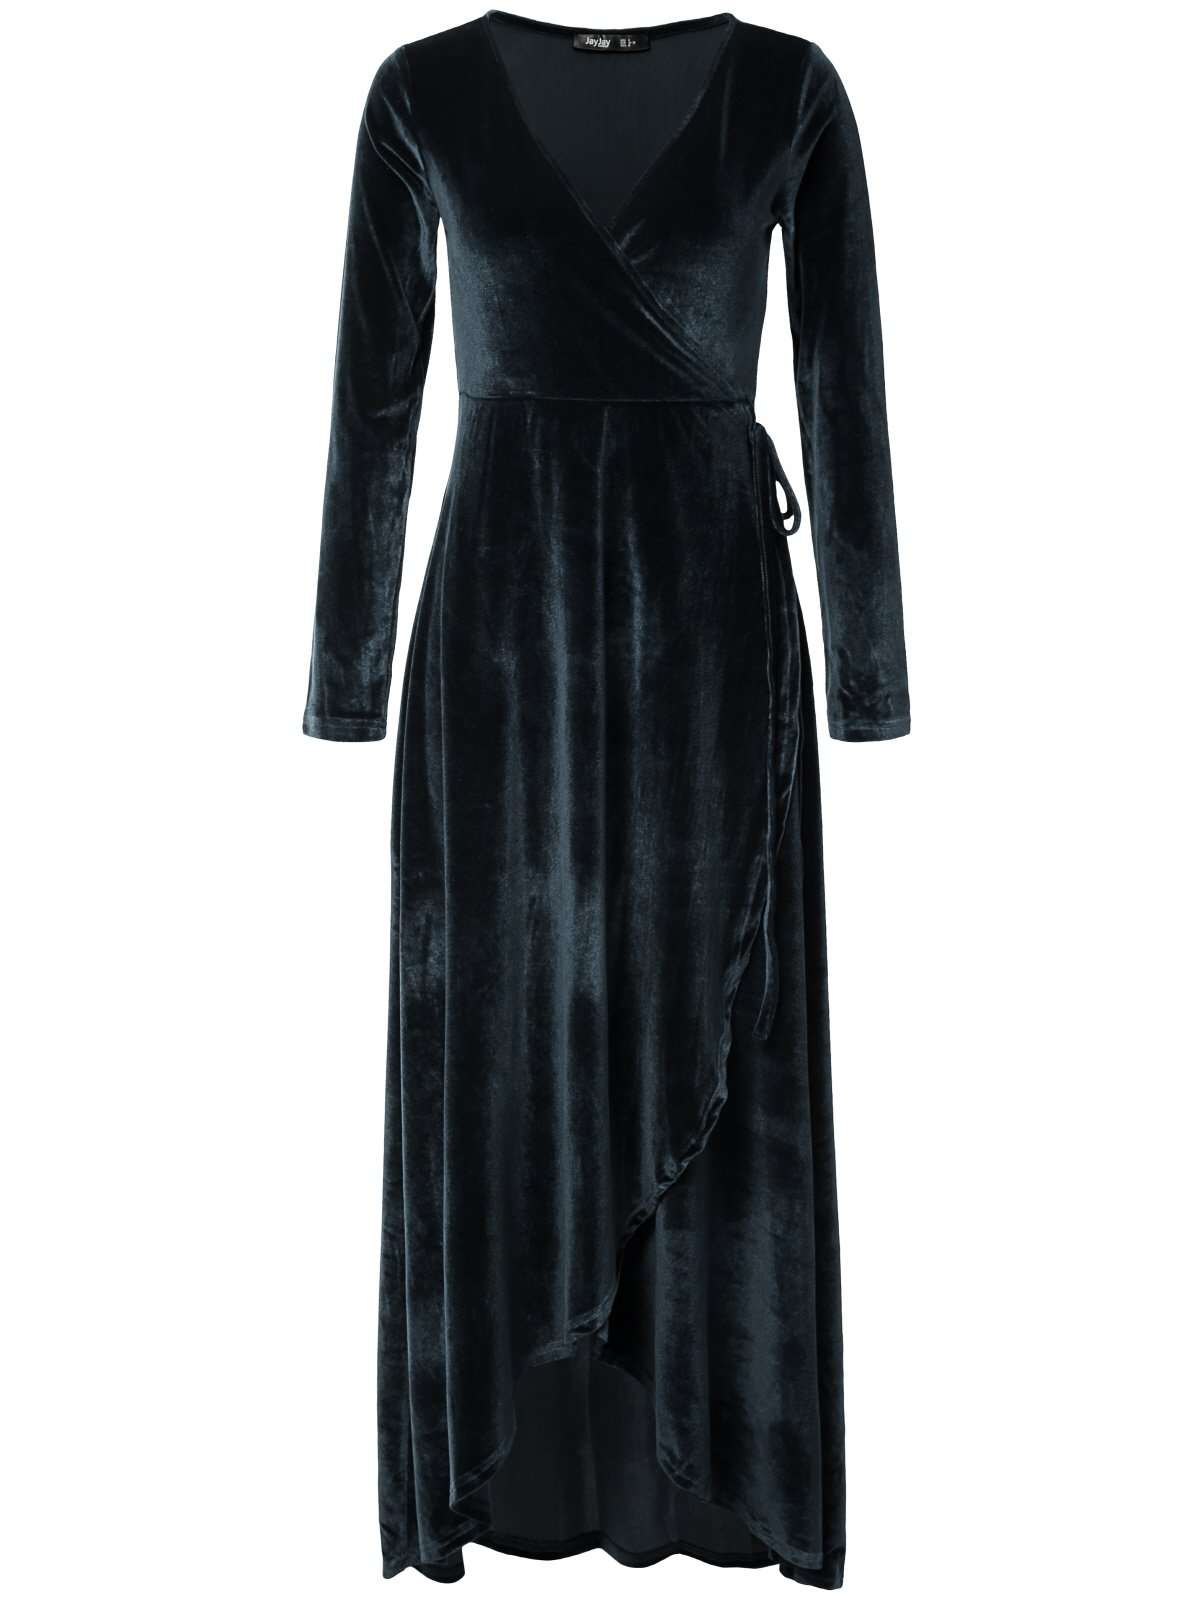 JayJay Women Retro Veltvet Faux Wrap Party Long Dress,Silverblue,2XL